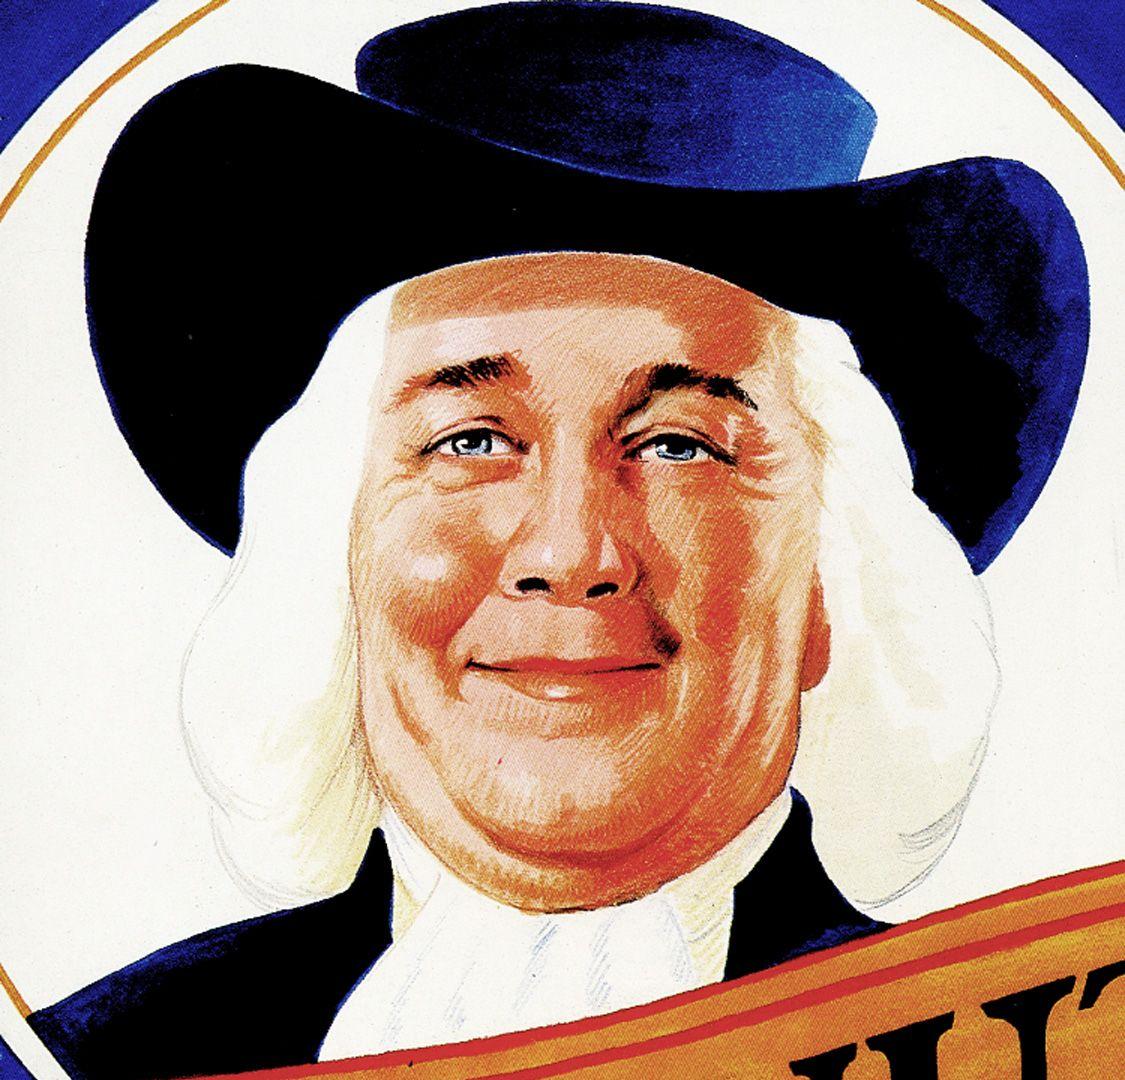 Quaker Oat Guy